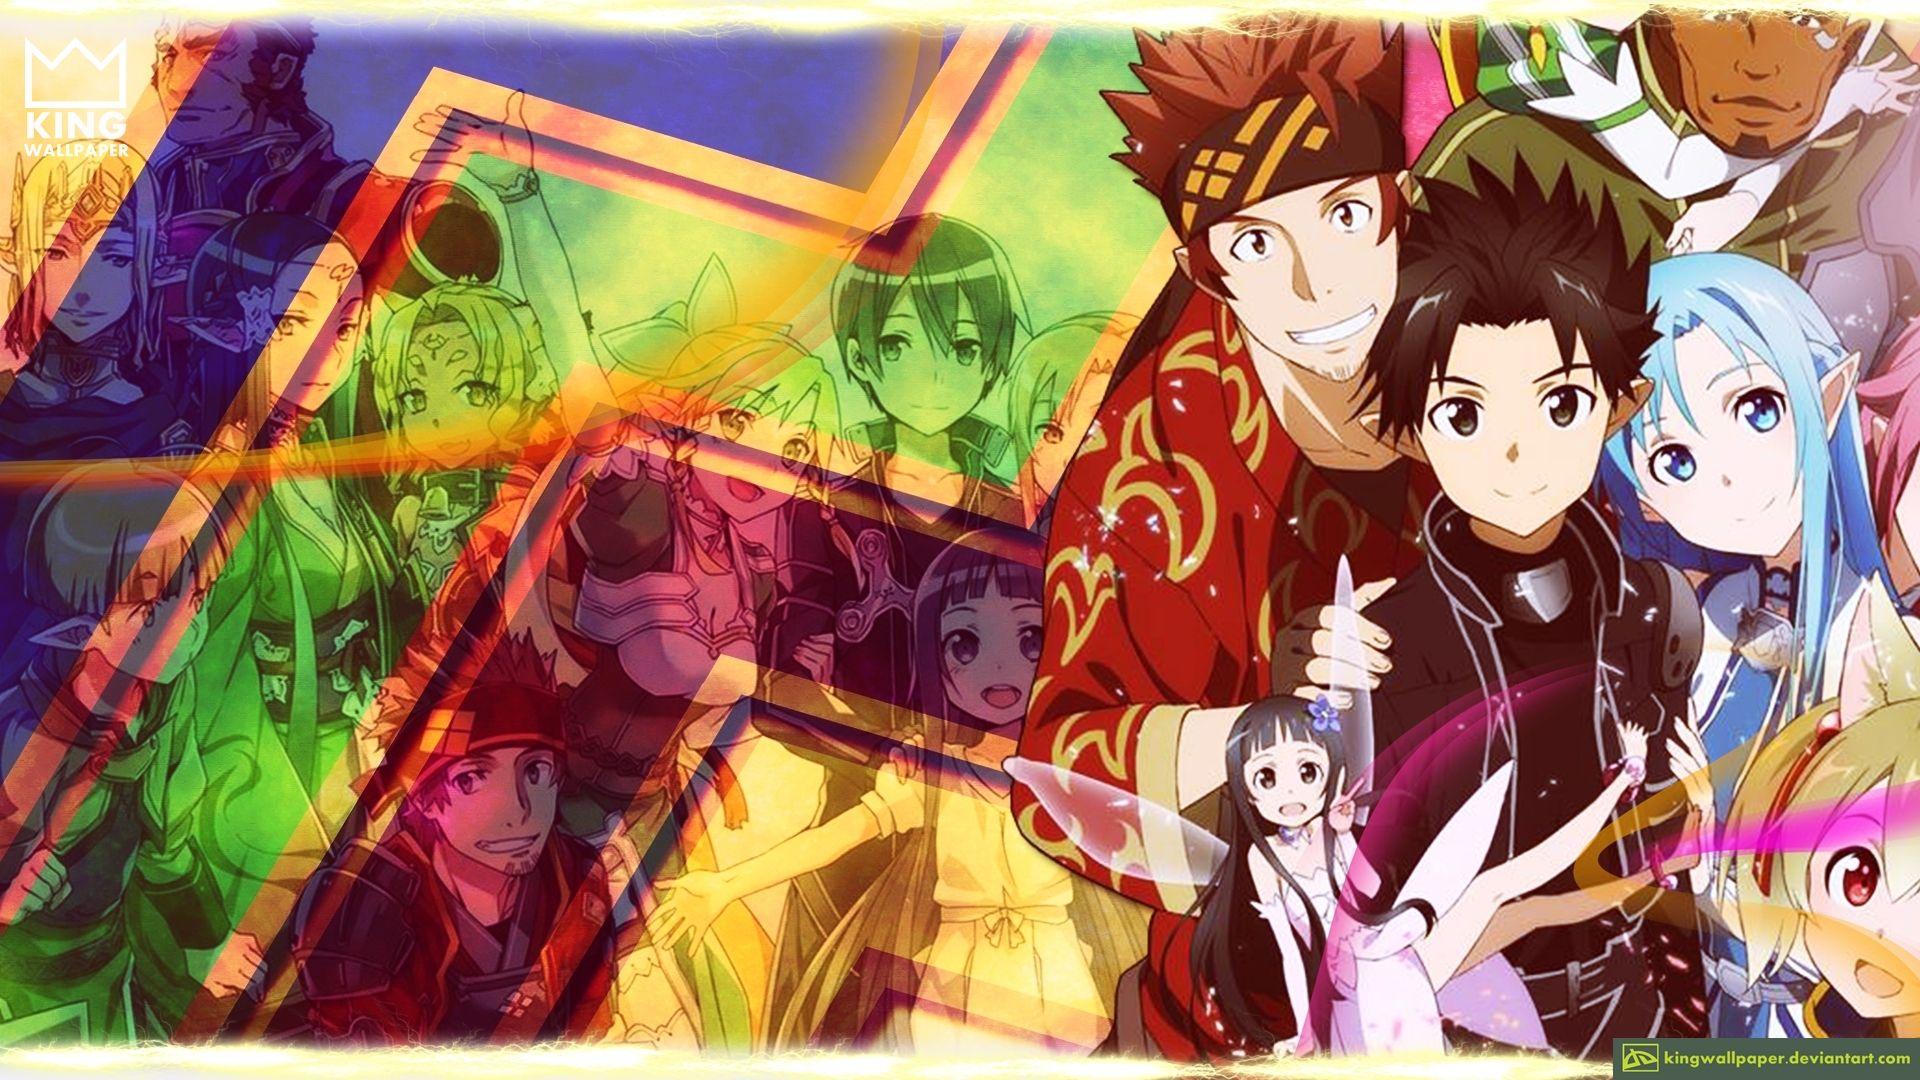 Sword Art Online 2 Wallpaper Kingwallpaper By Kingwallpaper